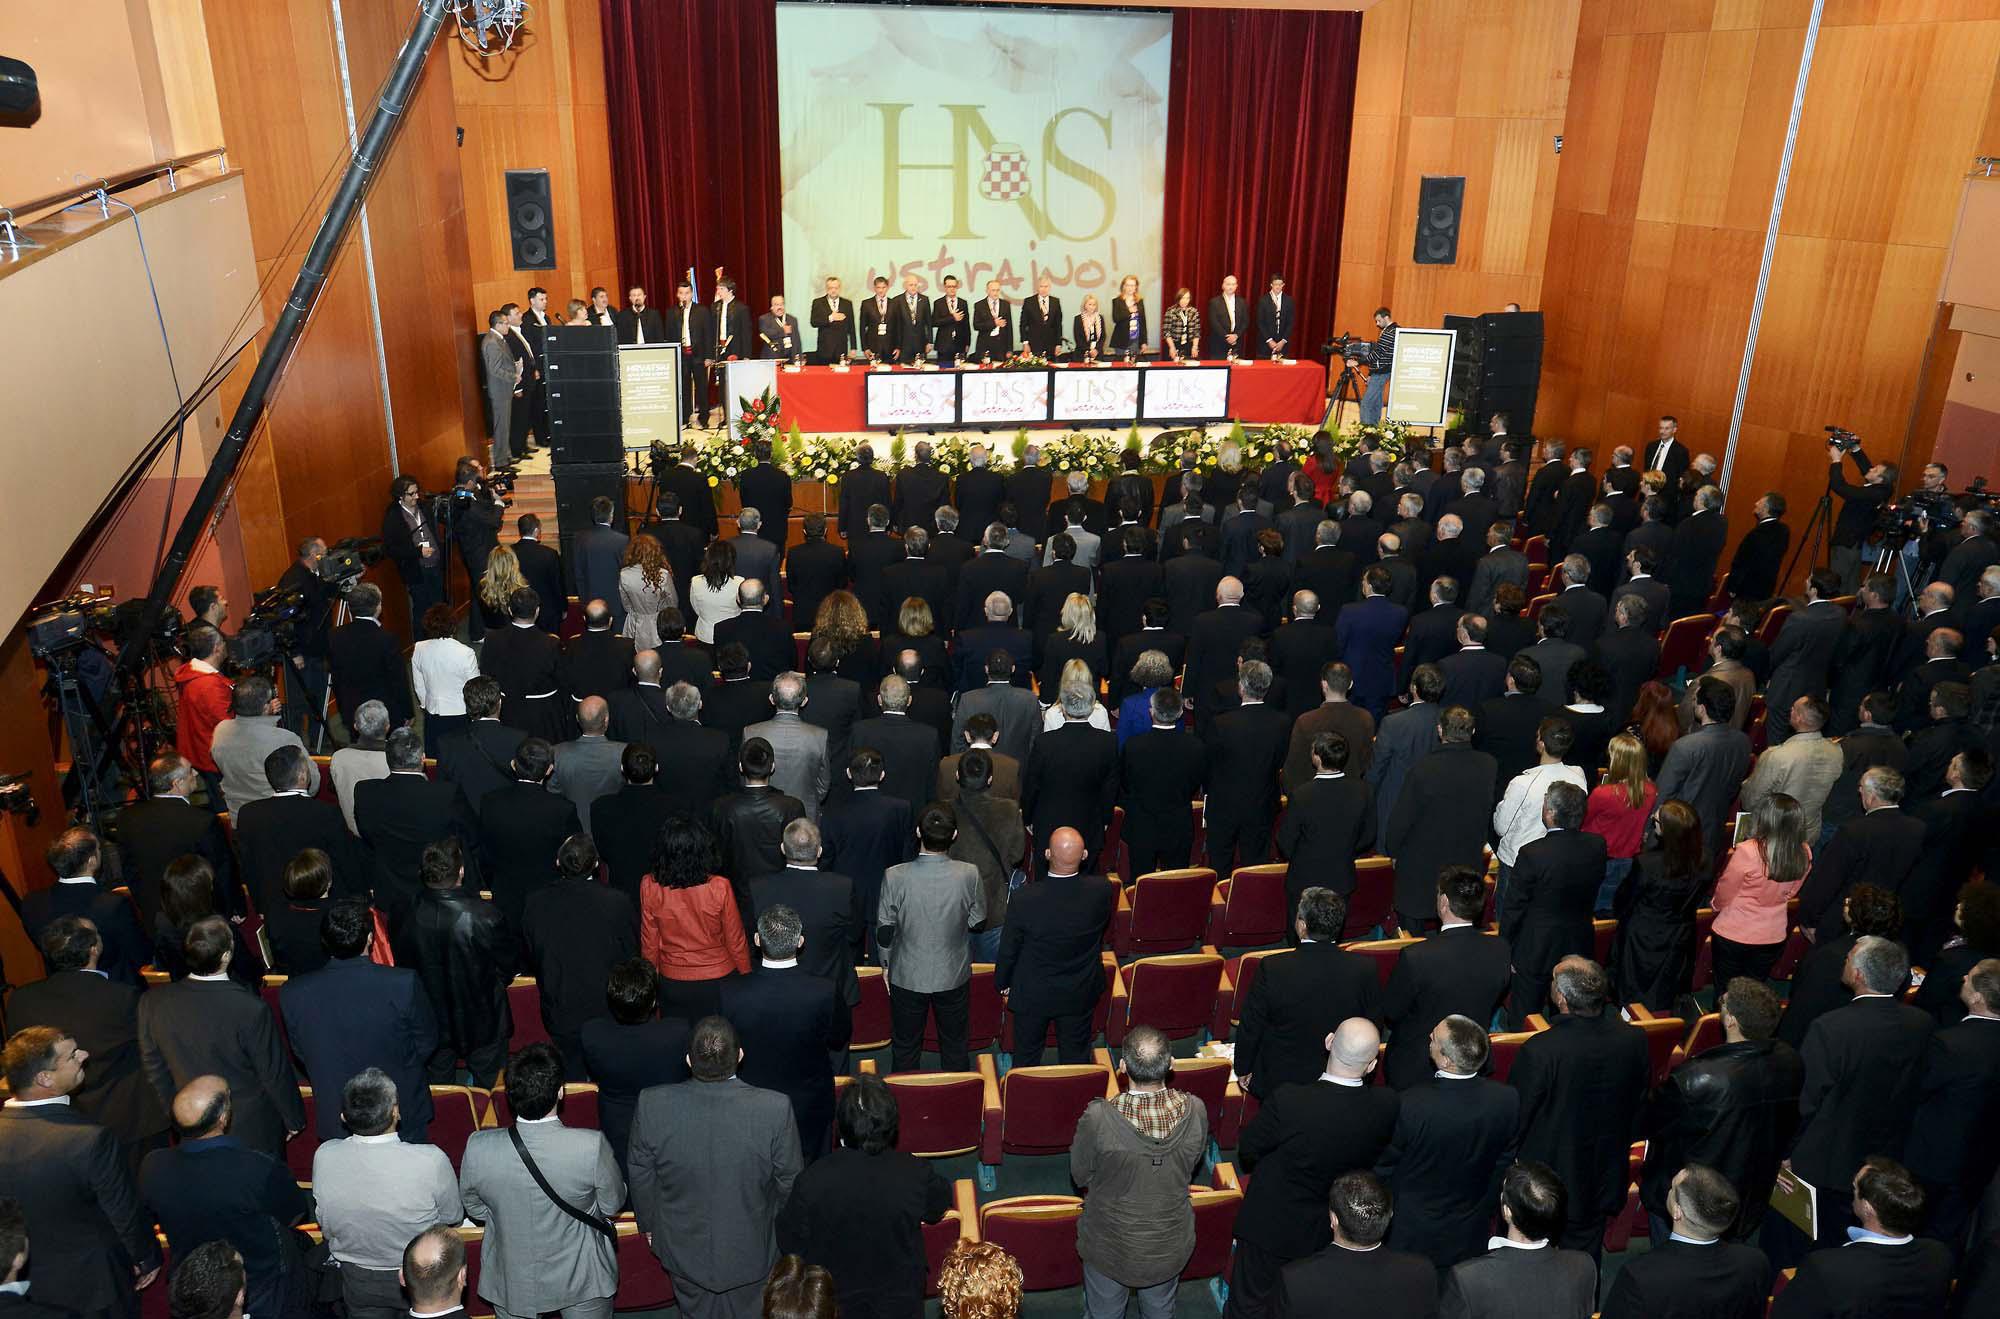 Političke stranke iz Sarajeva osudile mostarsku deklaraciju HNS-a